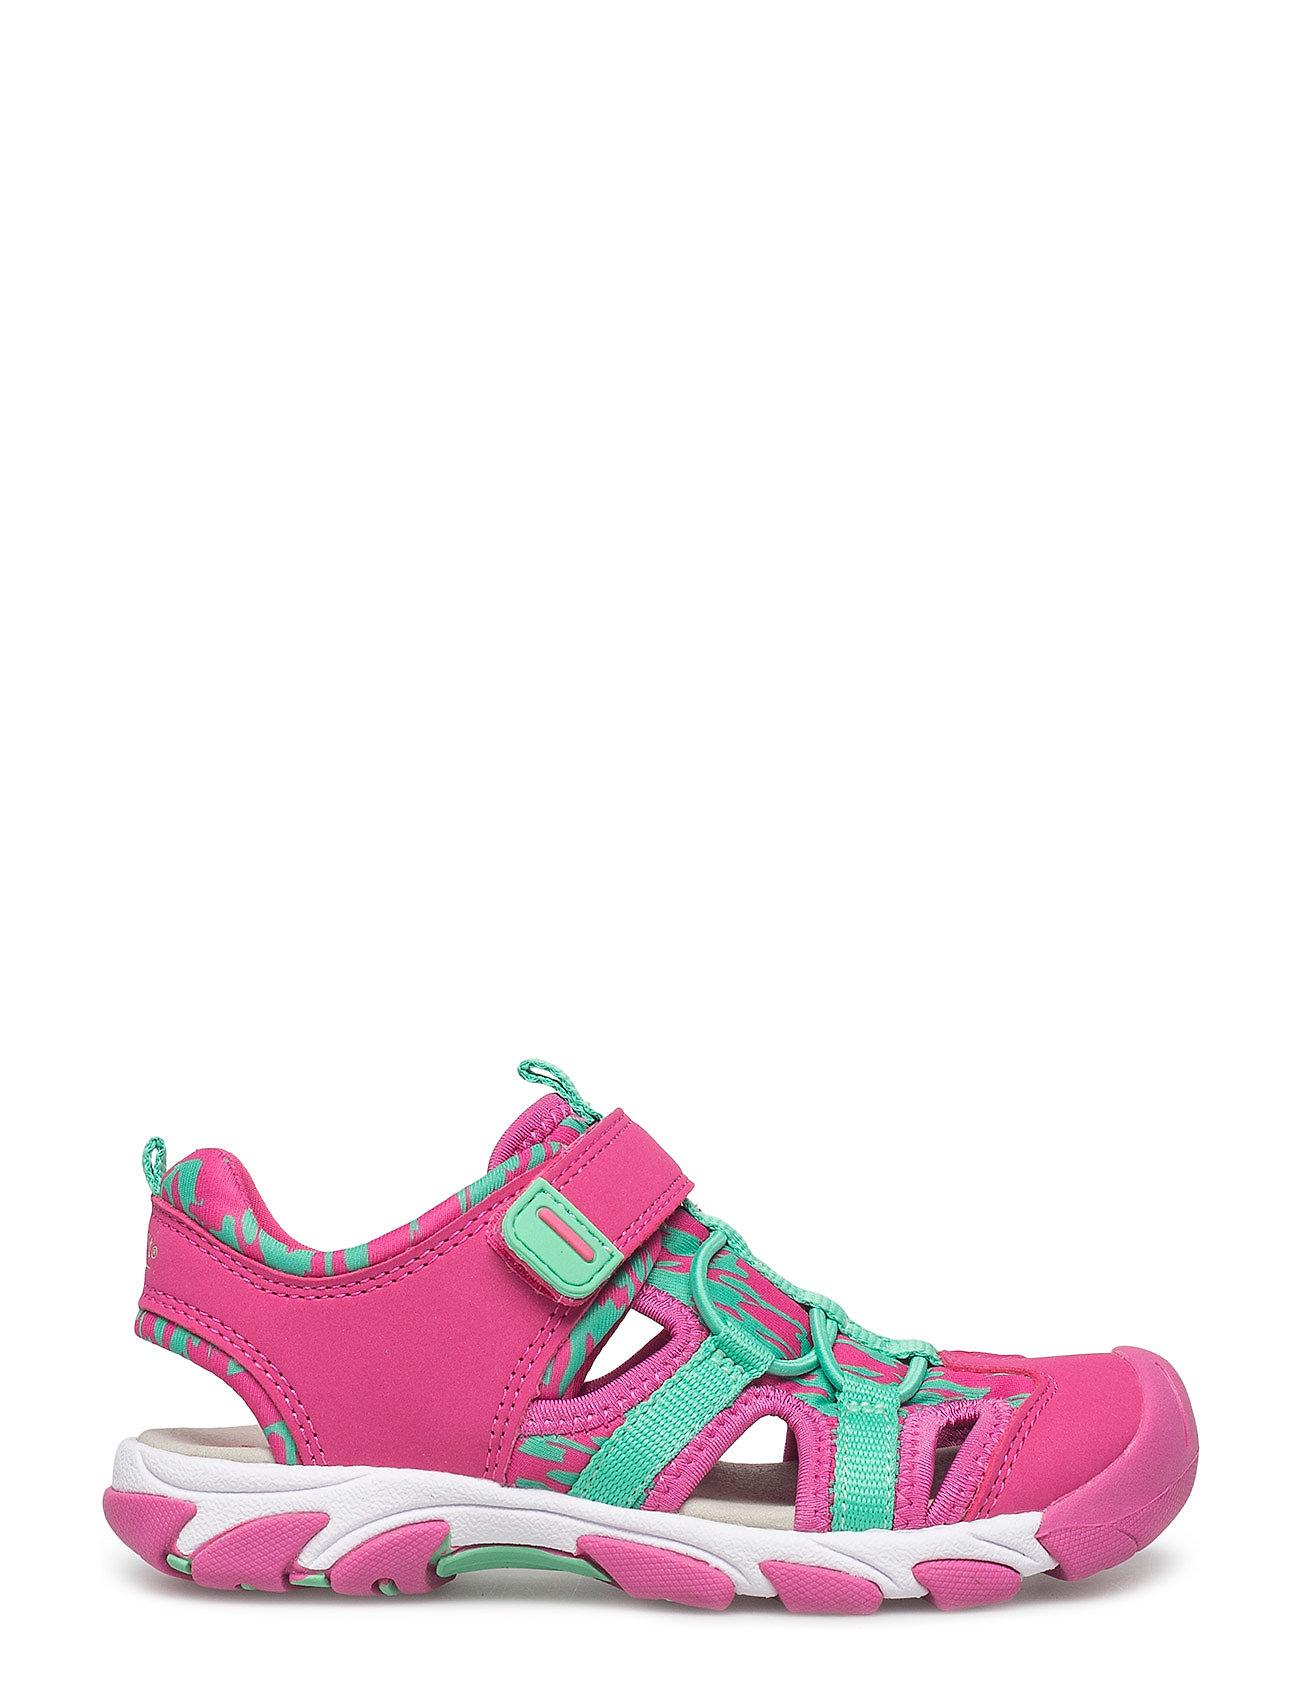 61af3f3c378 Superfit sandaler – Octopuss til børn i PINK COMBI - Pashion.dk